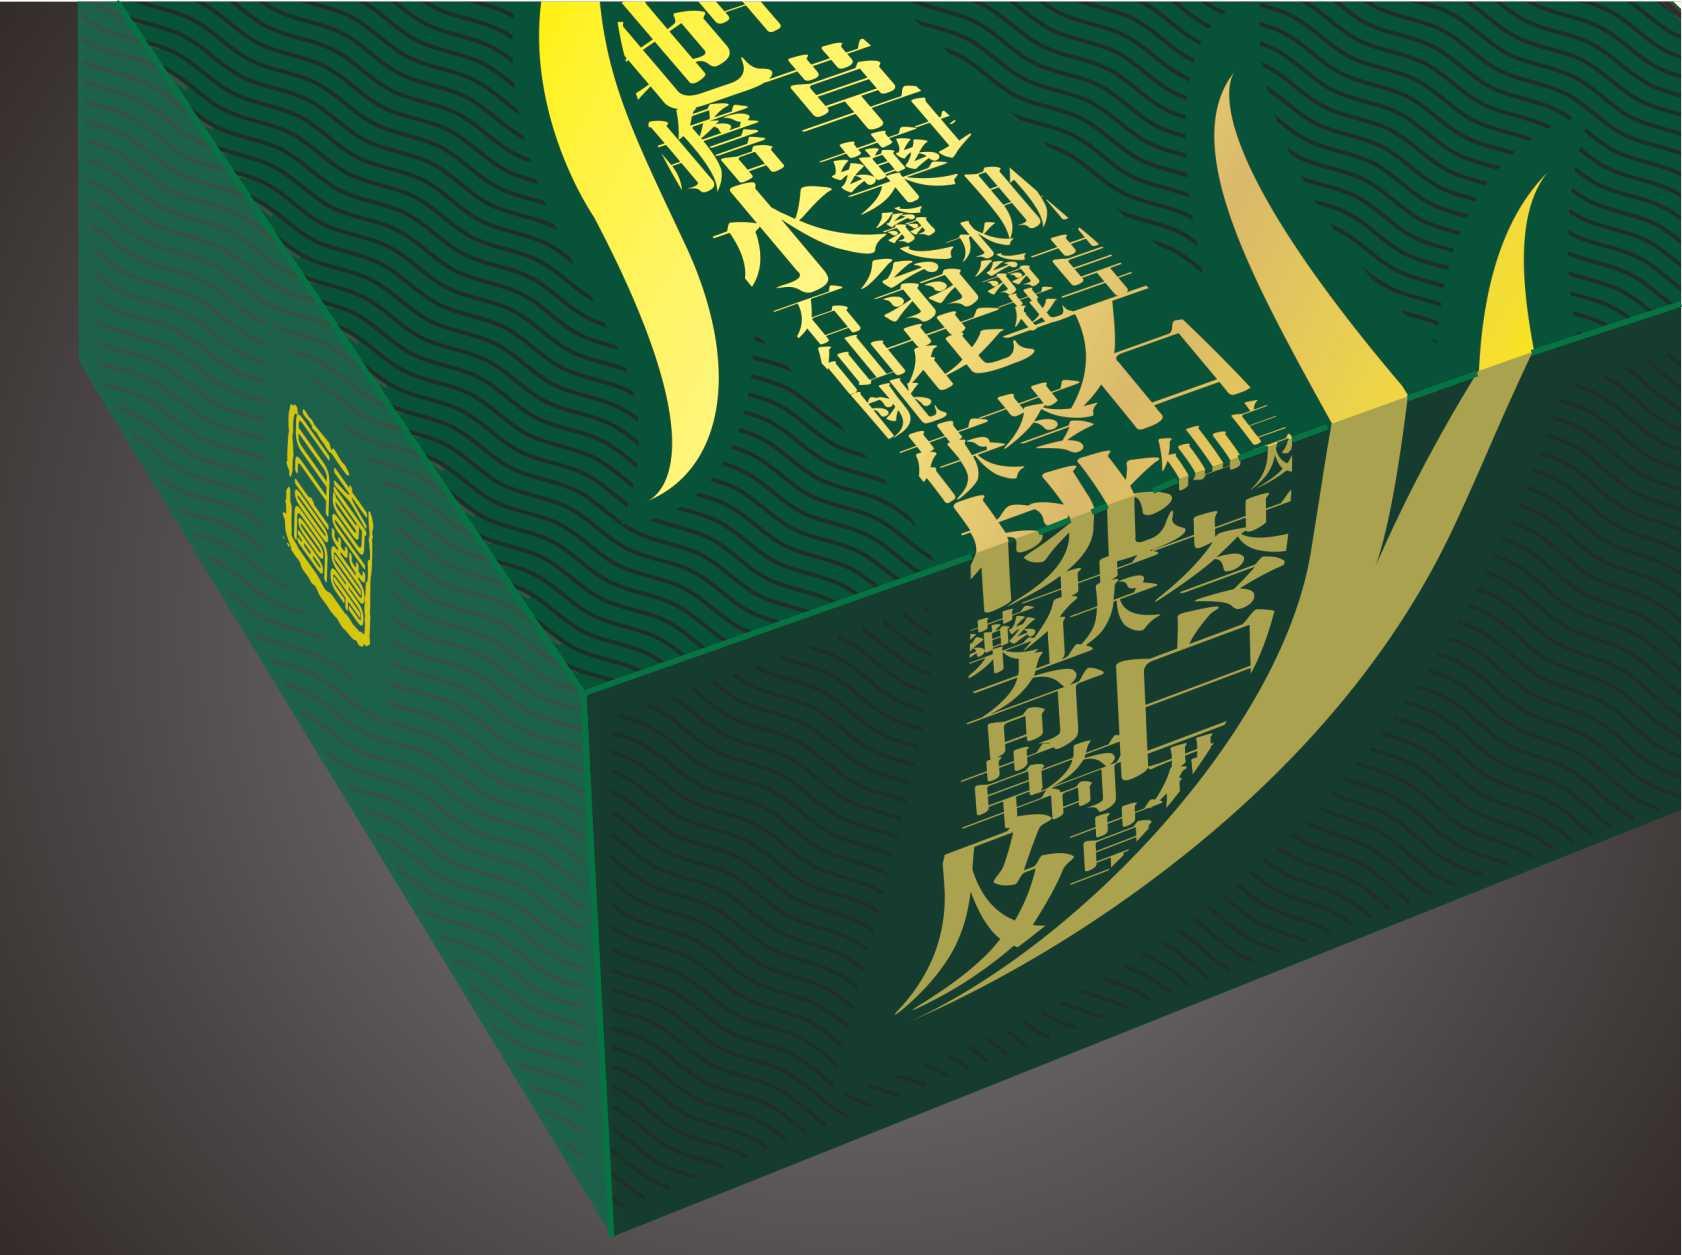 广州产品包装设计 广州包装设计公司